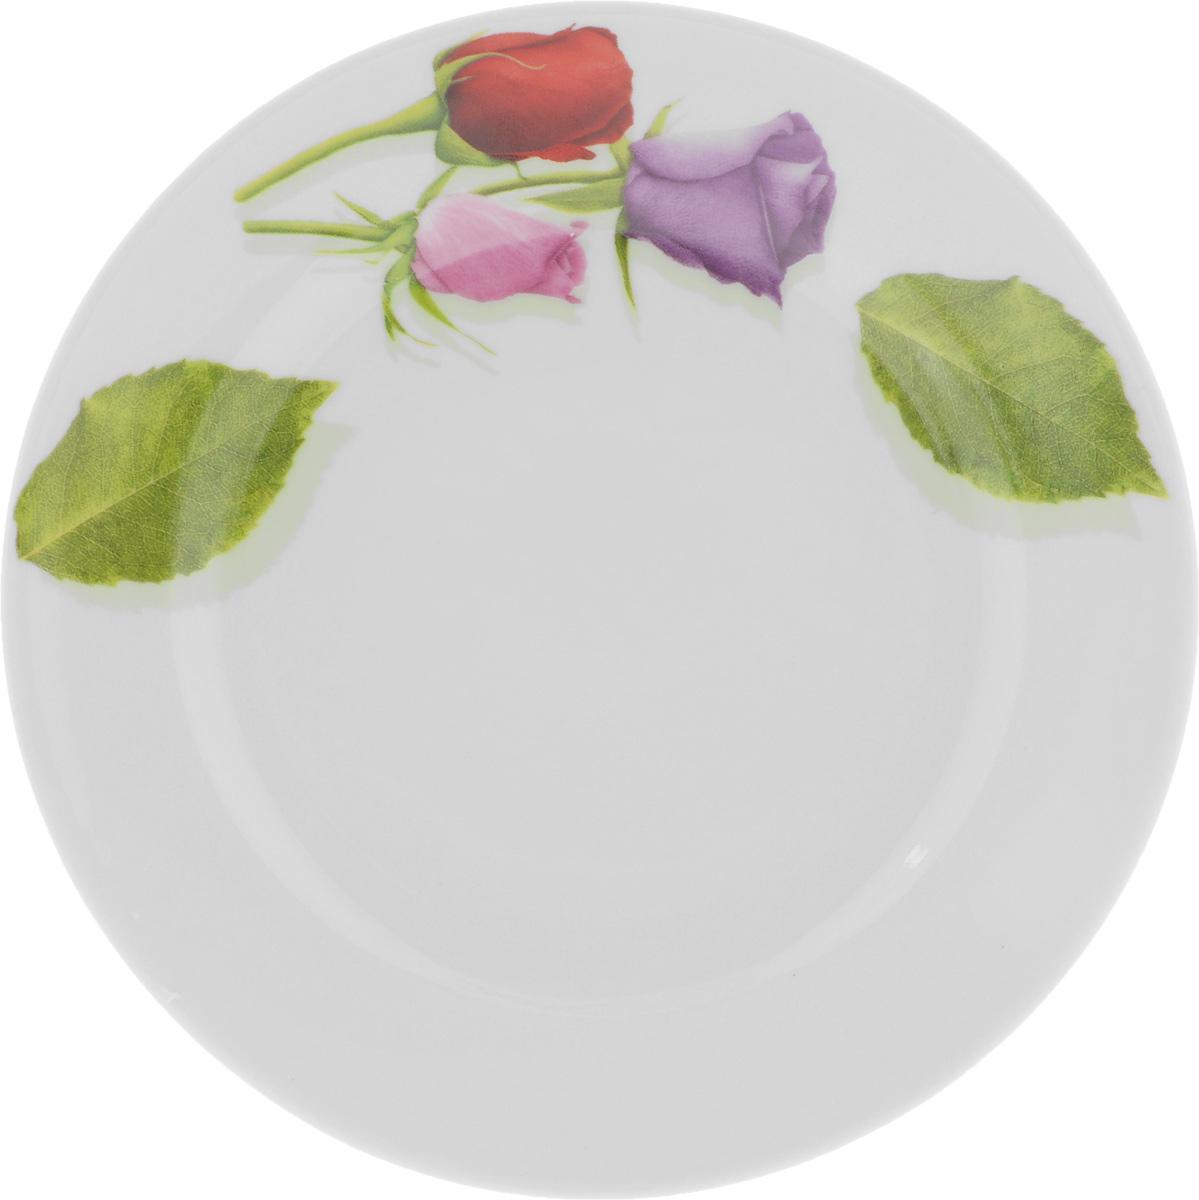 Тарелка десертная Идиллия. Королева цветов, диаметр 17 смVT-1520(SR)Десертная тарелка Идиллия. Королева цветов, изготовленная из высококачественного фарфора, имеет изысканный внешний вид. Такая тарелка прекрасно подходит как для торжественных случаев, так и для повседневного использования. Идеальна для подачи десертов, пирожных, тортов и многого другого. Она прекрасно оформит стол и станет отличным дополнением к вашей коллекции кухонной посуды.